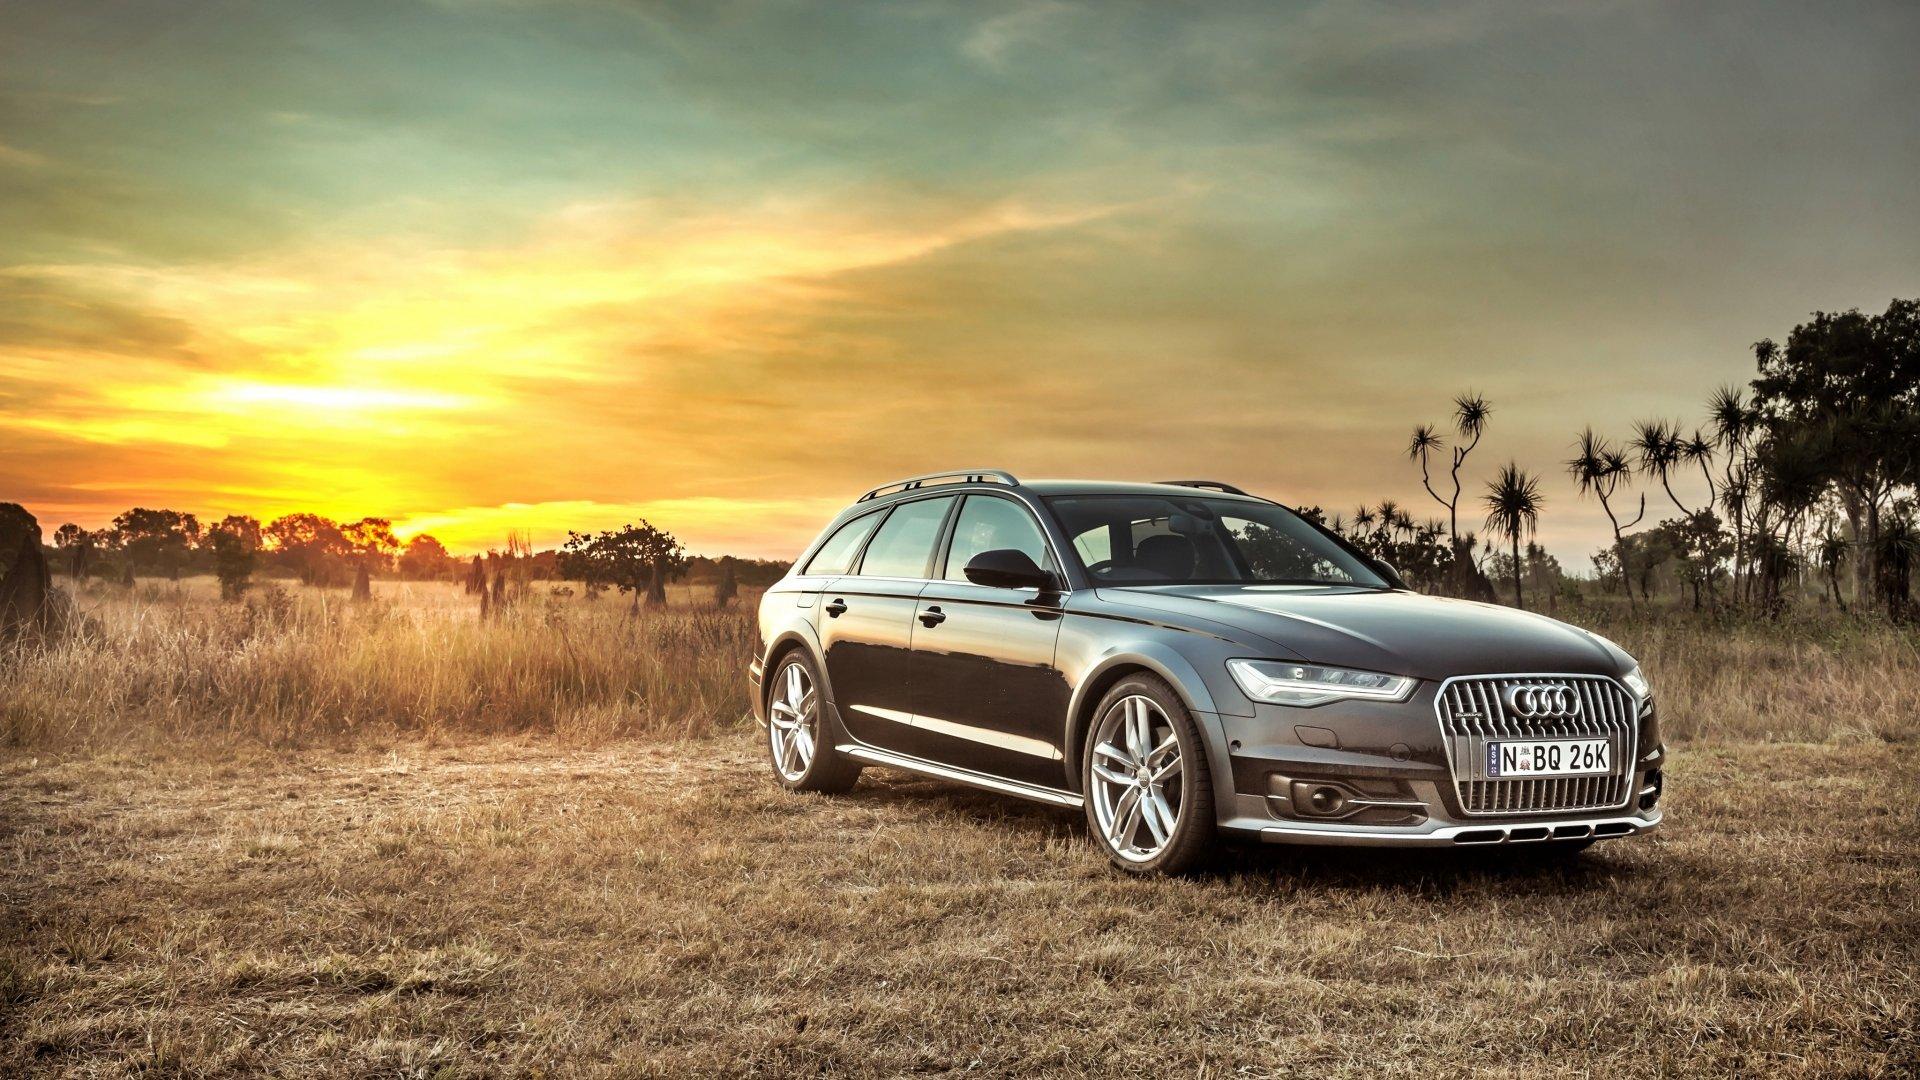 Audi A6 Allread Al Atardecer Fondo De Pantalla 4k Ultra Hd